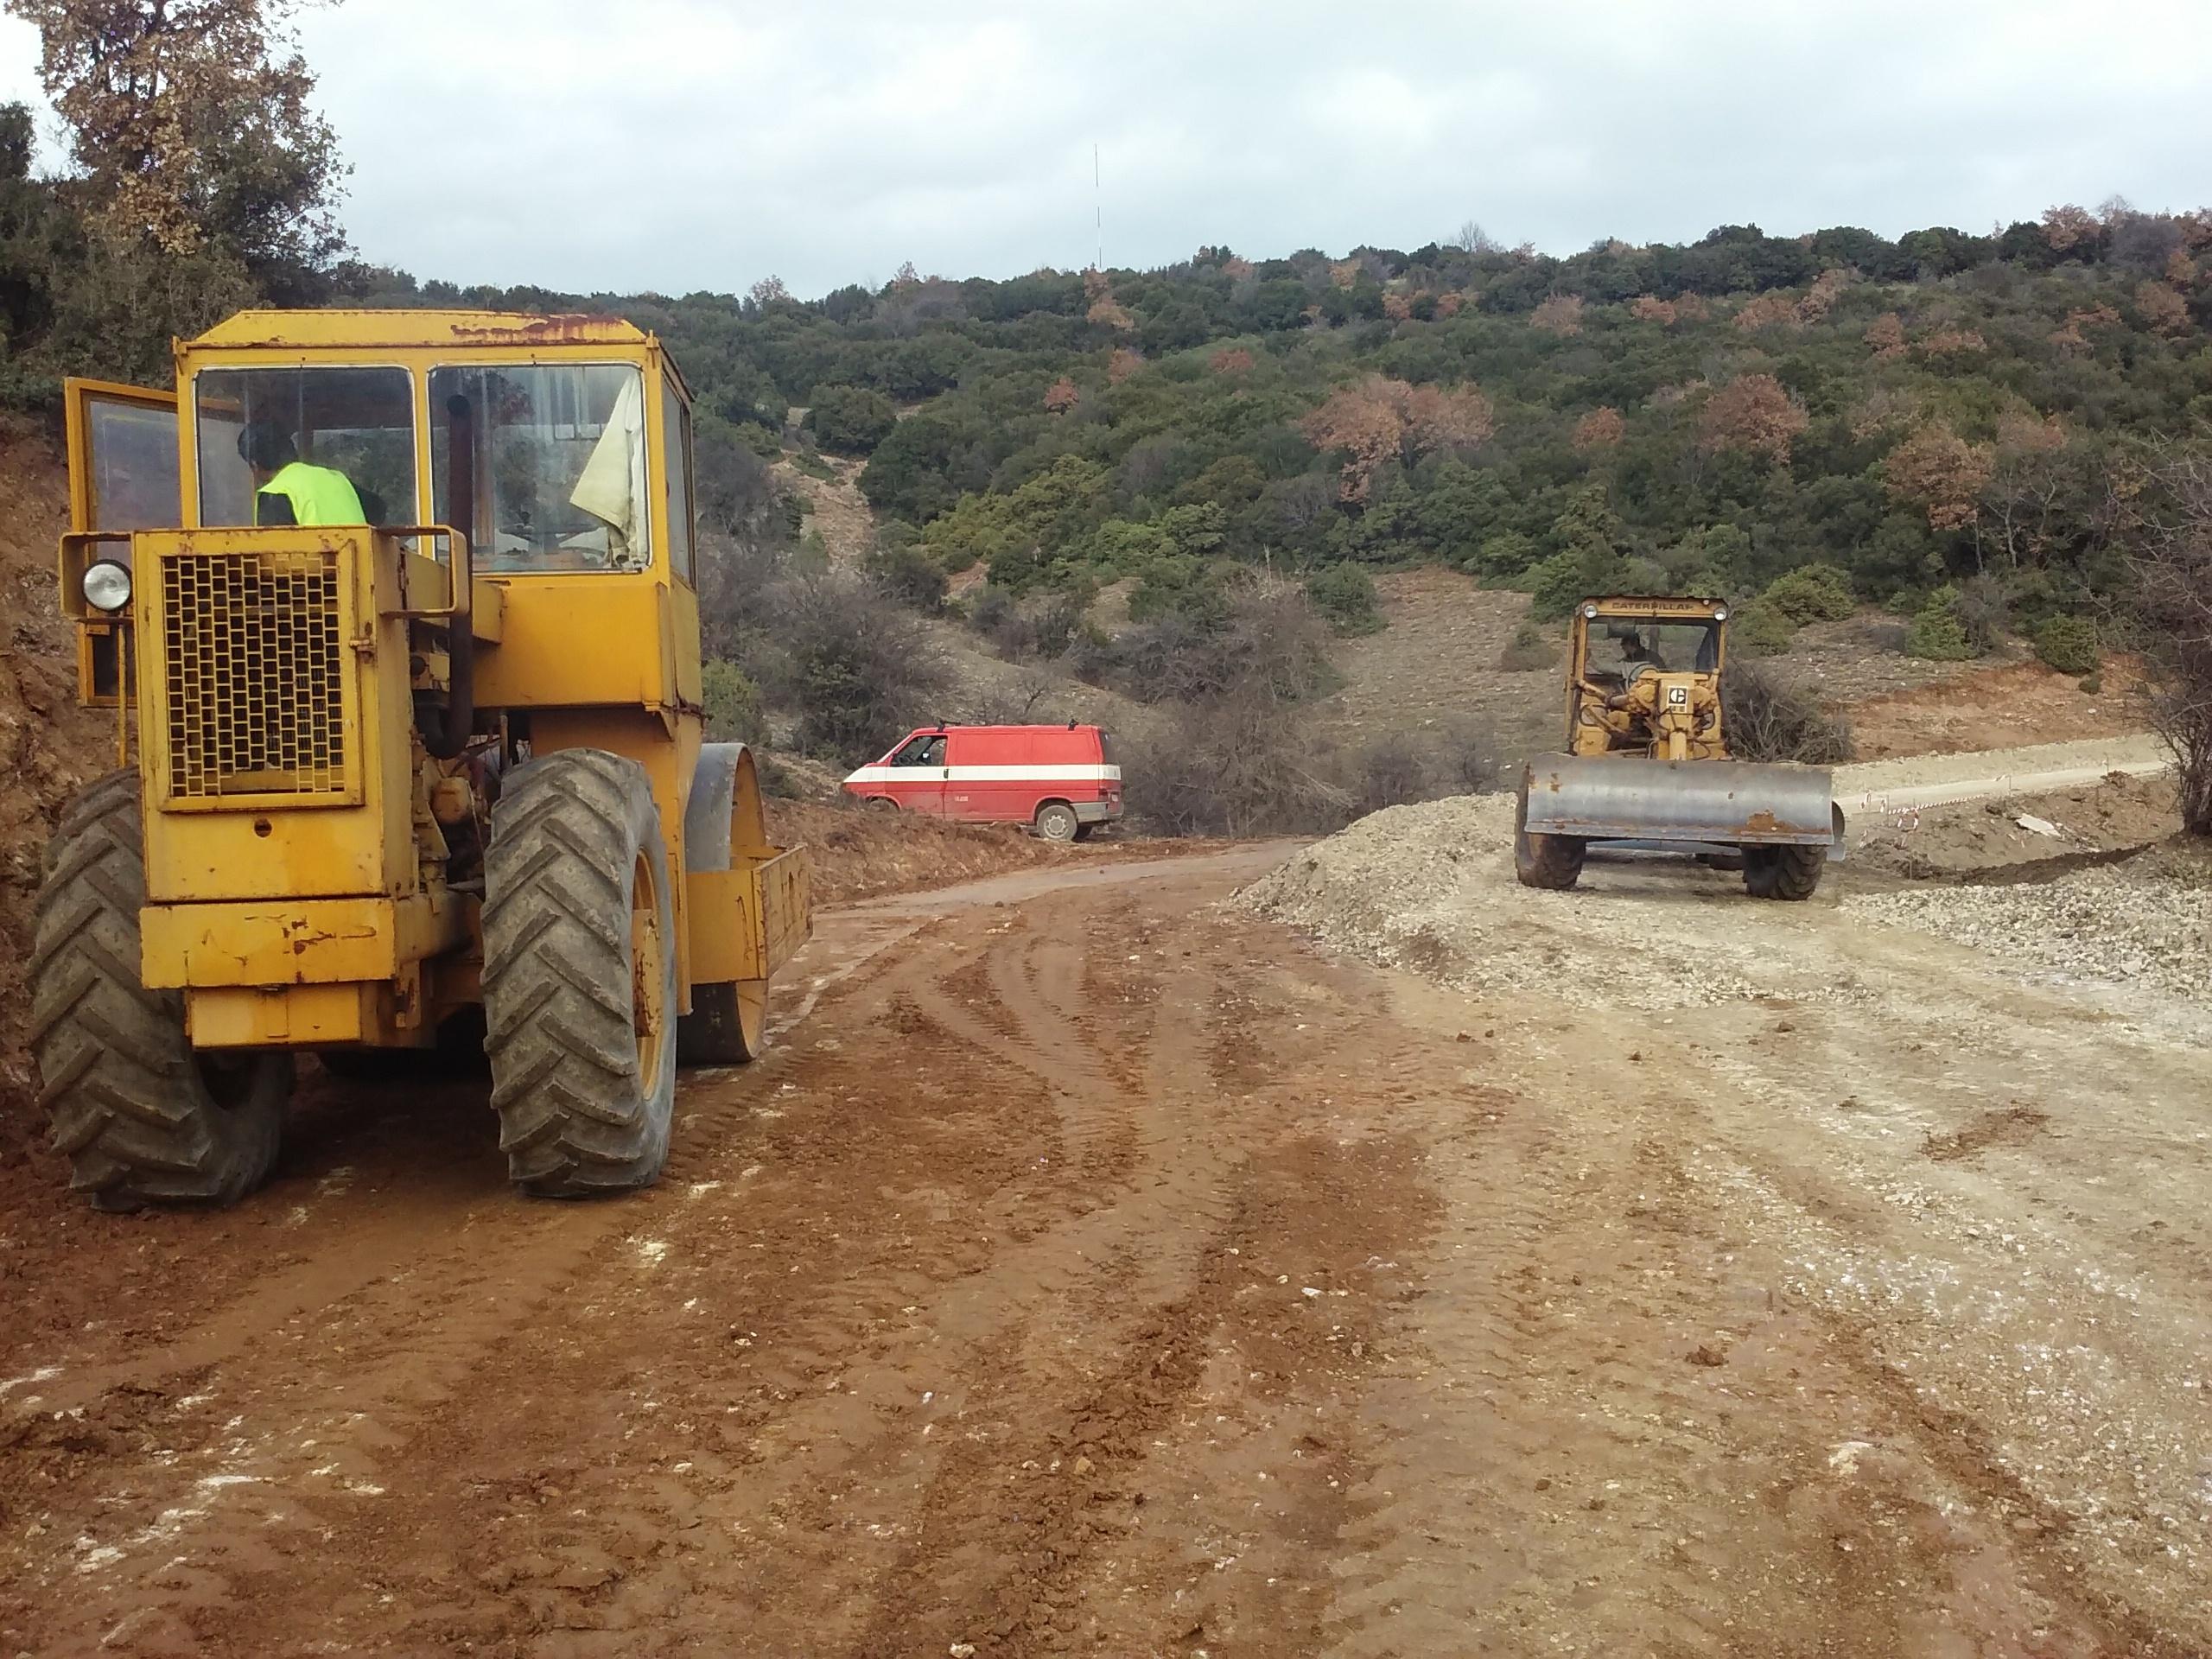 Βελτίωση κεντρικής οδοποιίας οδού προς ΑΣΠΗΕ «ΣΤΕΝΟΛΑΚΚΟΣ» (2016)